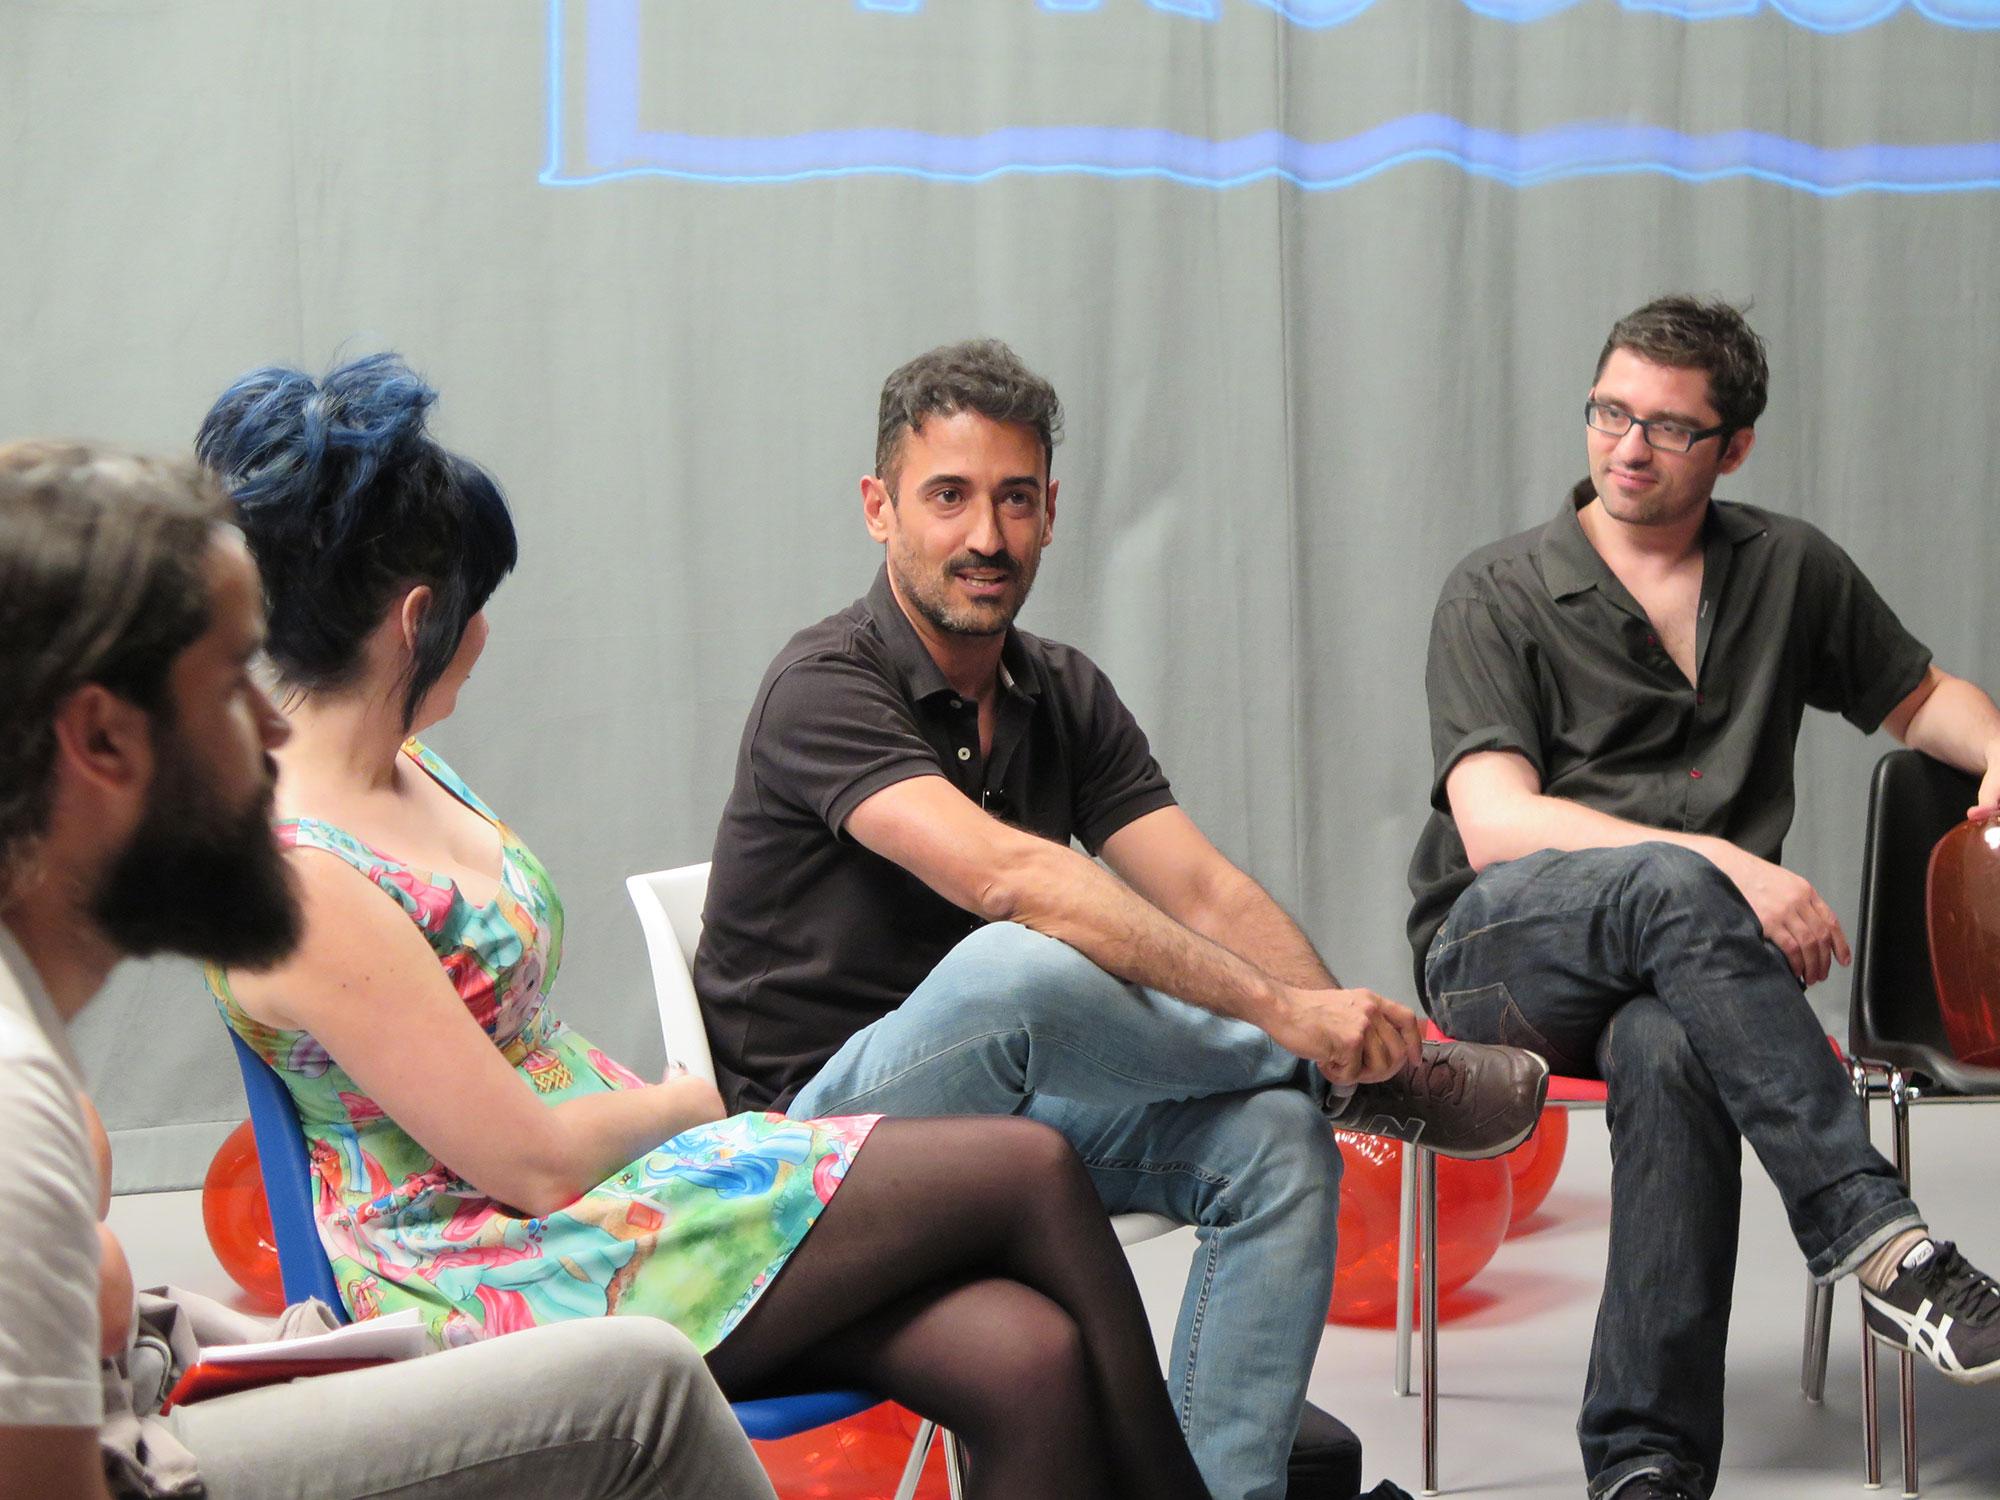 Zumo de Vídeo en  'El Manicomio, Laboratorio de Artes Visuales' .